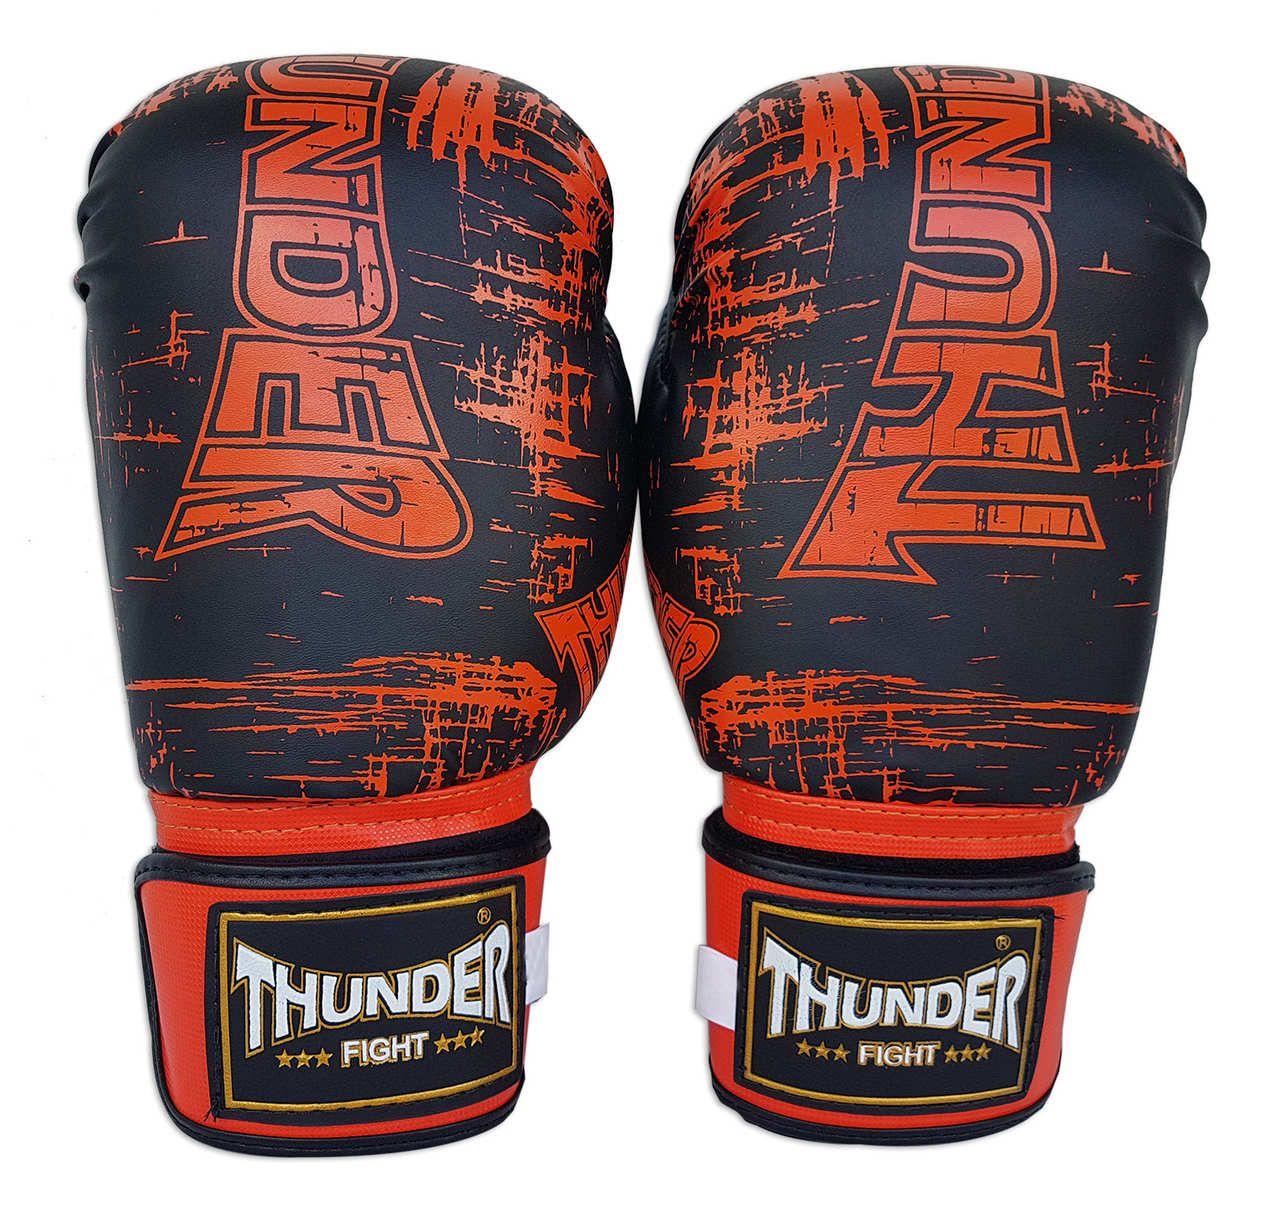 Super Kit de Muay Thai / Kickboxing 16oz - Caneleira G - Preto / Laranja - Thunder Fight  - PRALUTA SHOP